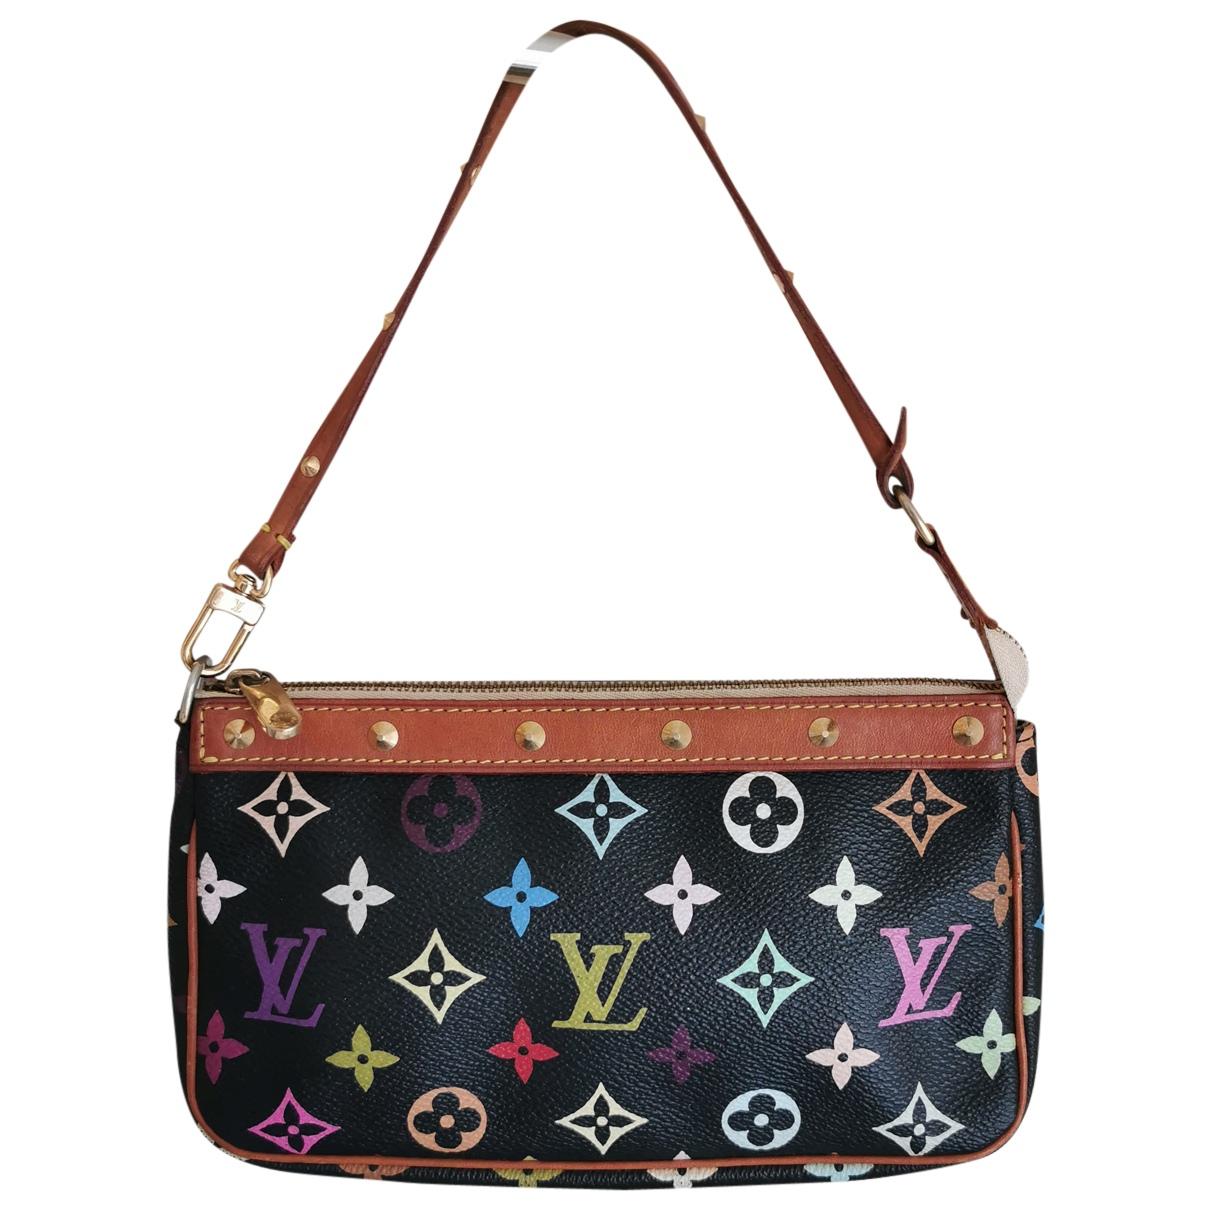 Louis Vuitton - Pochette Pochette Accessoire pour femme en toile - multicolore